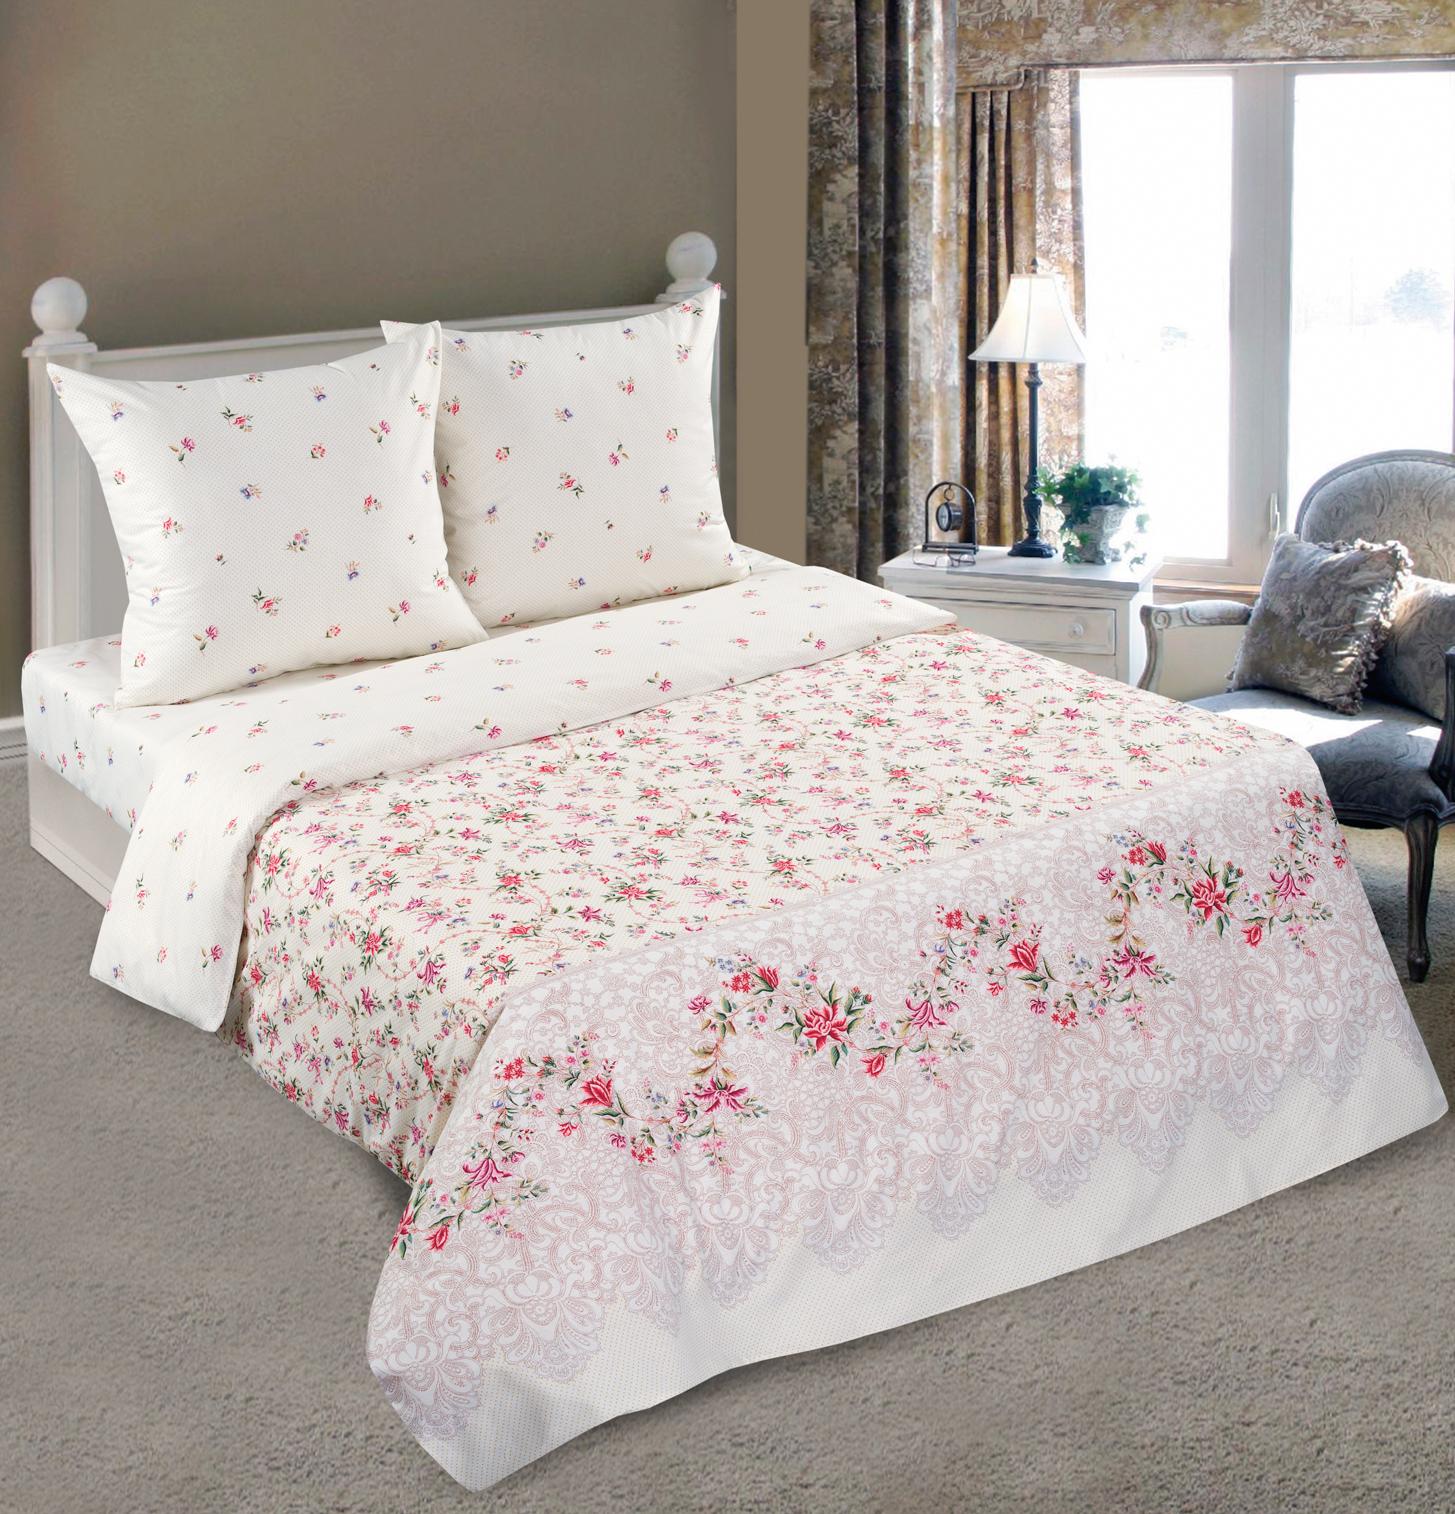 Комплект  Камилла , размер 2,0-спальный - Постельное белье артикул: 9697